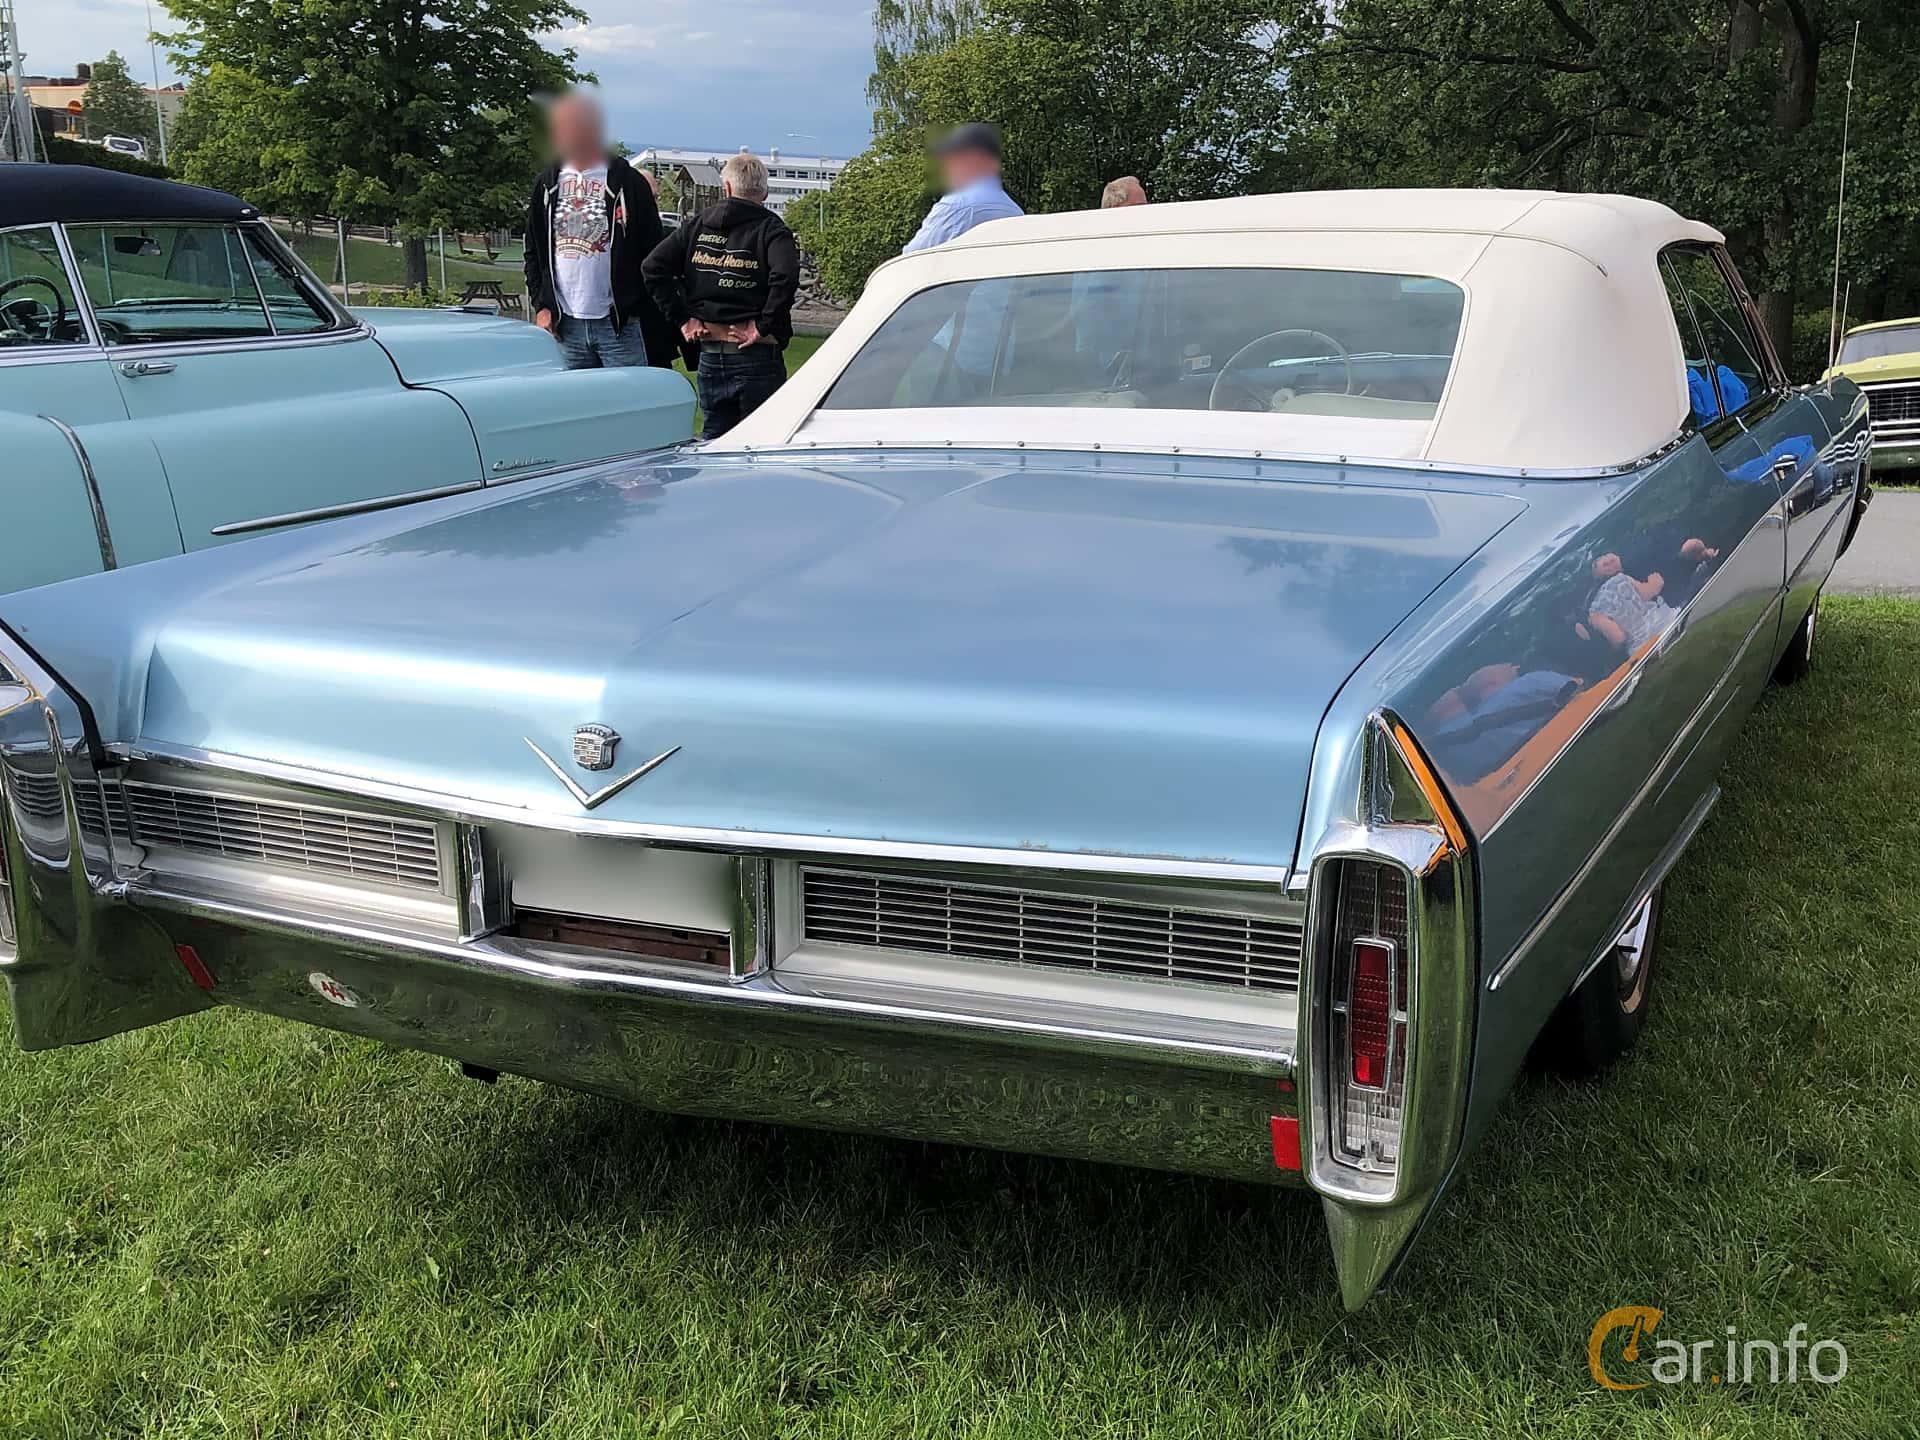 Back/Side of Cadillac De Ville Convertible 7.0 V8 OHV Hydra-Matic, 345ps, 1965 at Bil & MC-träffar i Huskvarna Folkets Park 2019 vecka 32 tema Hot Rods